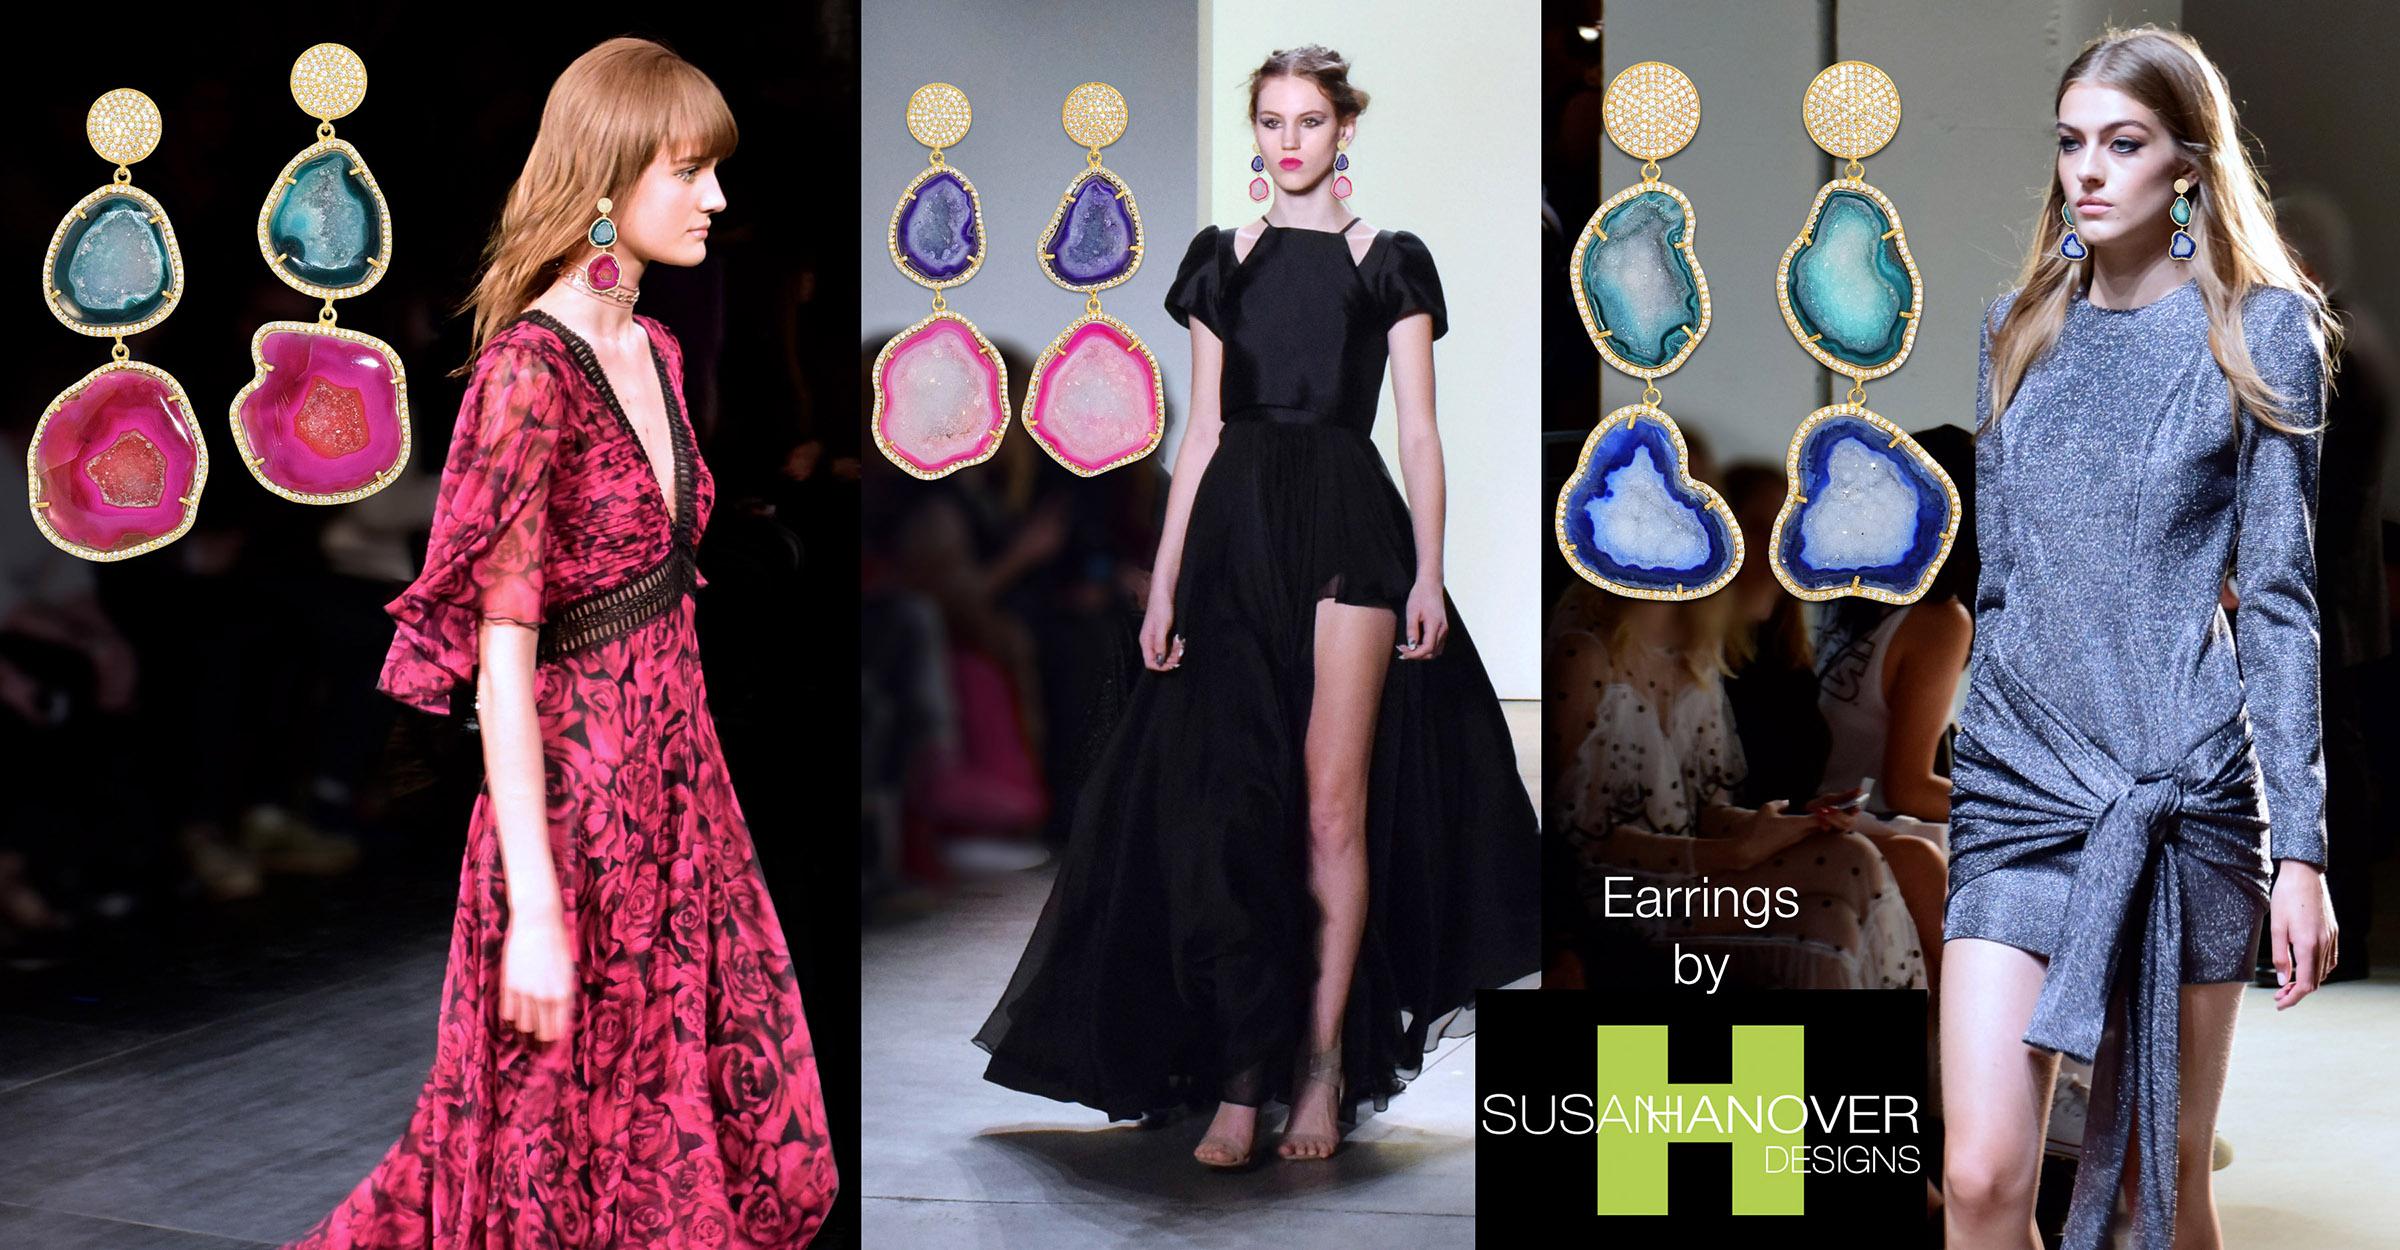 FashionWk_comp2b_geode_susan_4x8.jpg